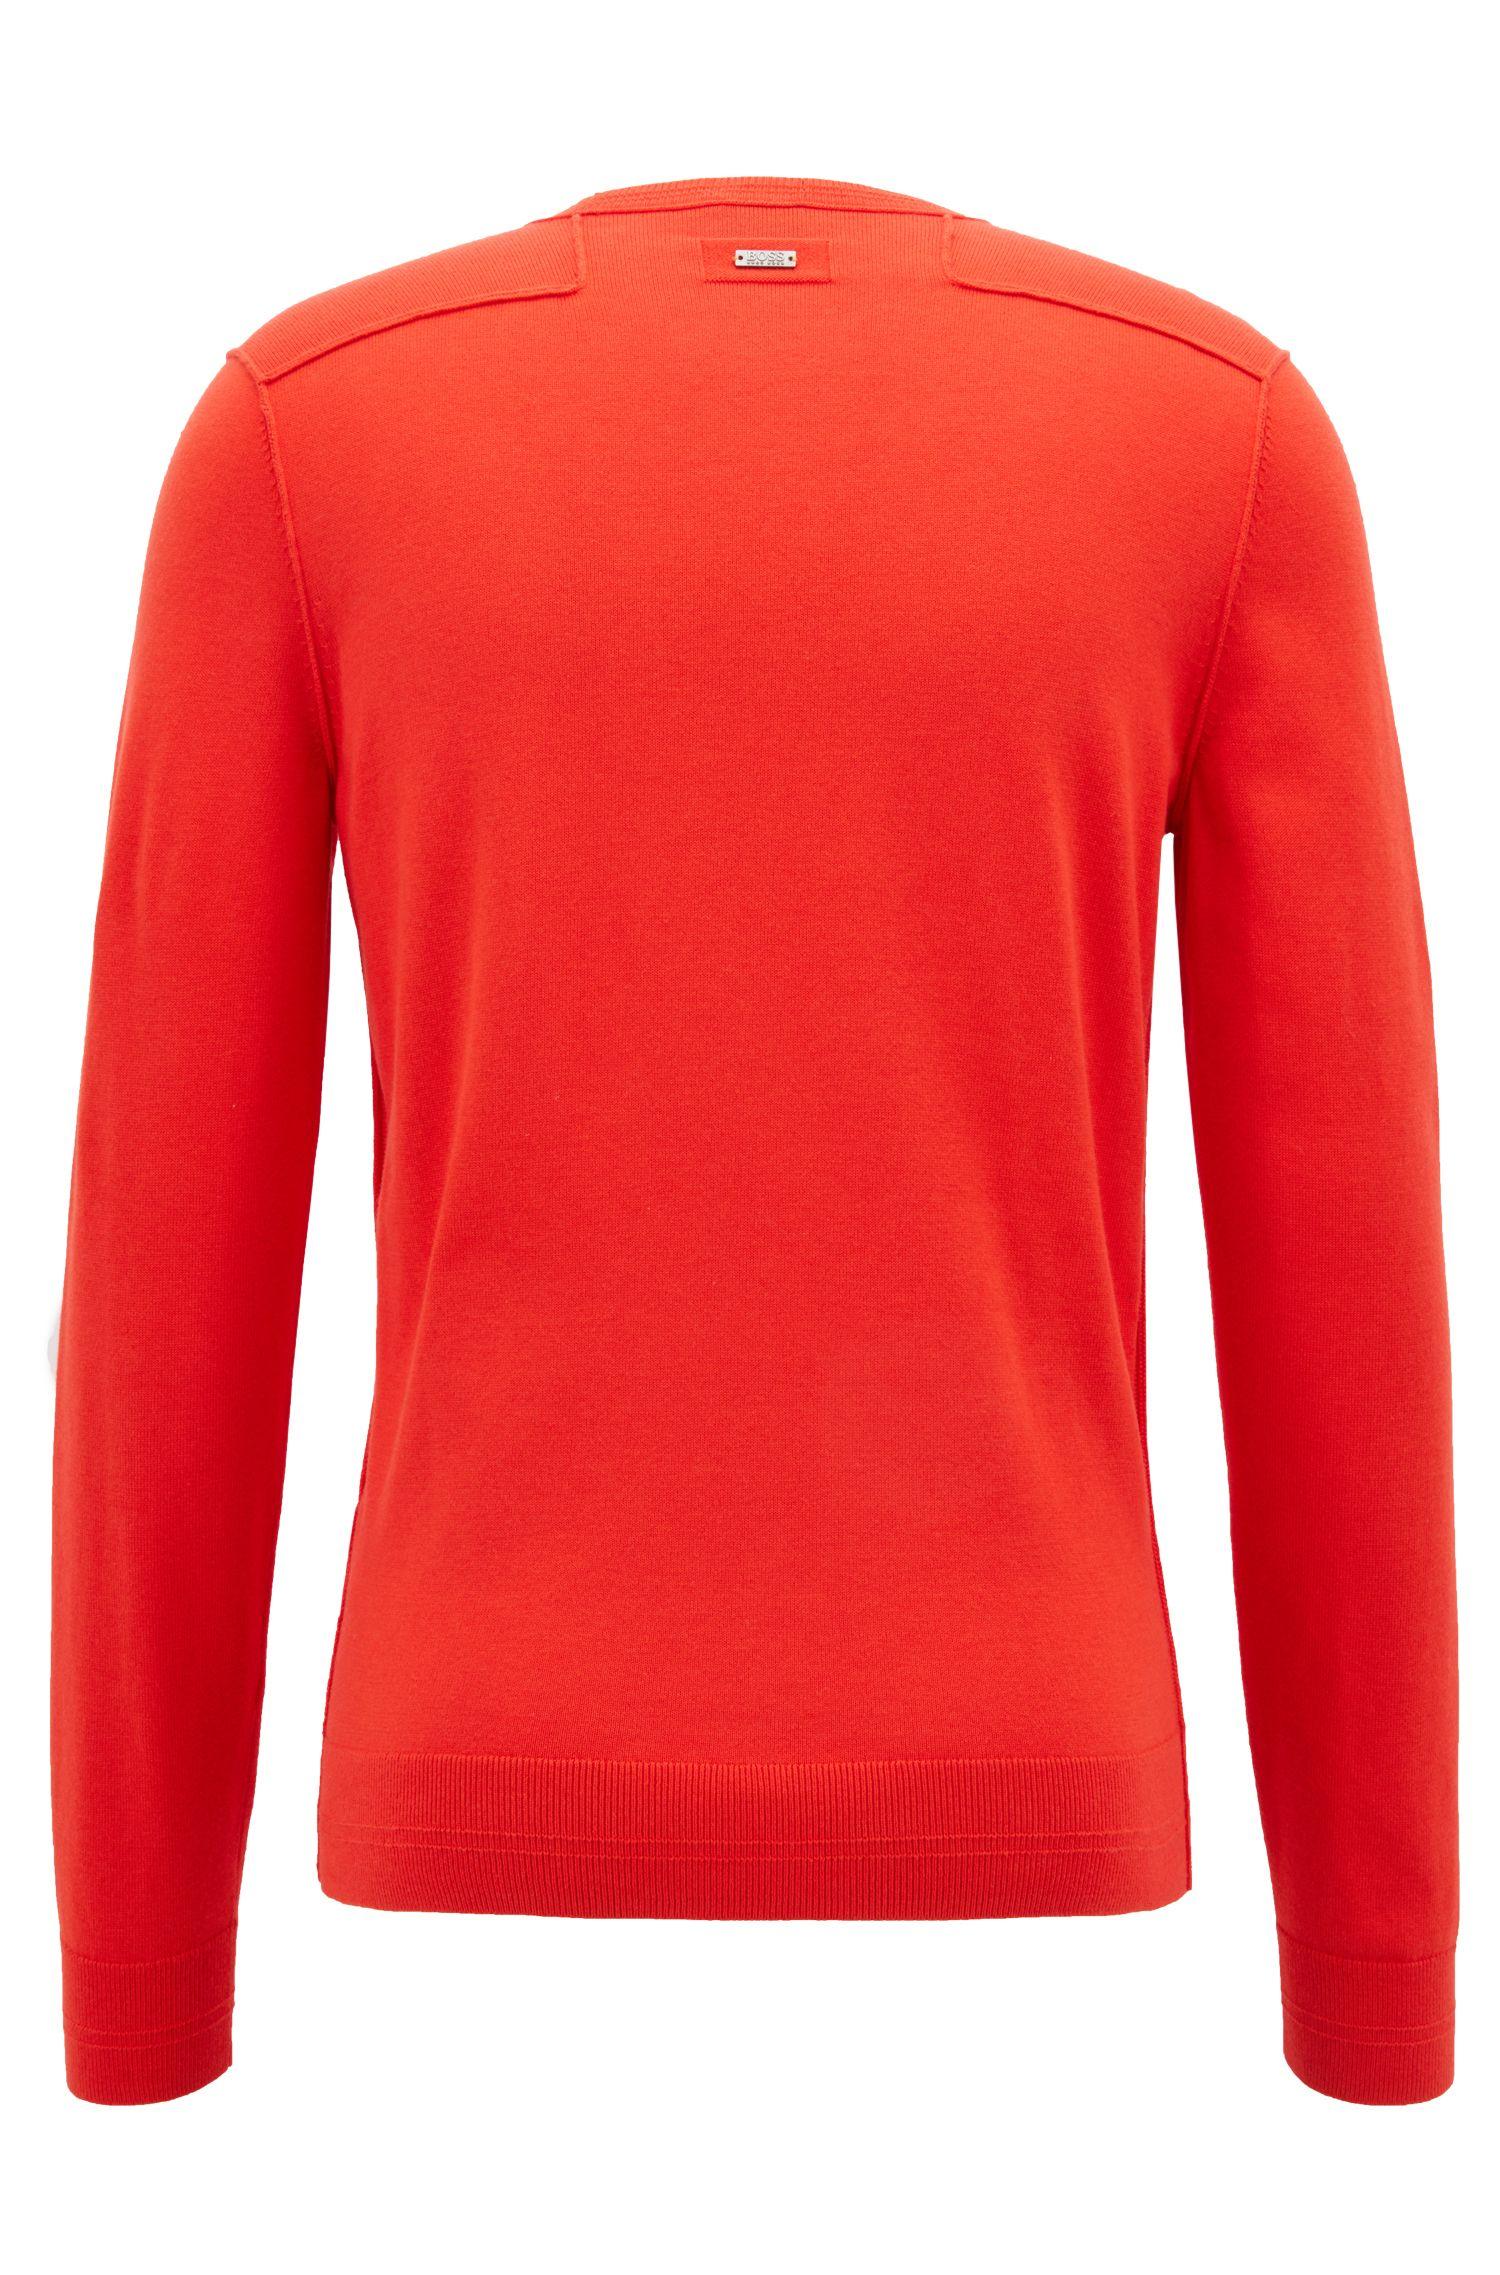 Jersey en mezcla de algodón con cuello redondo y detalles de canalé en 3D, Rojo